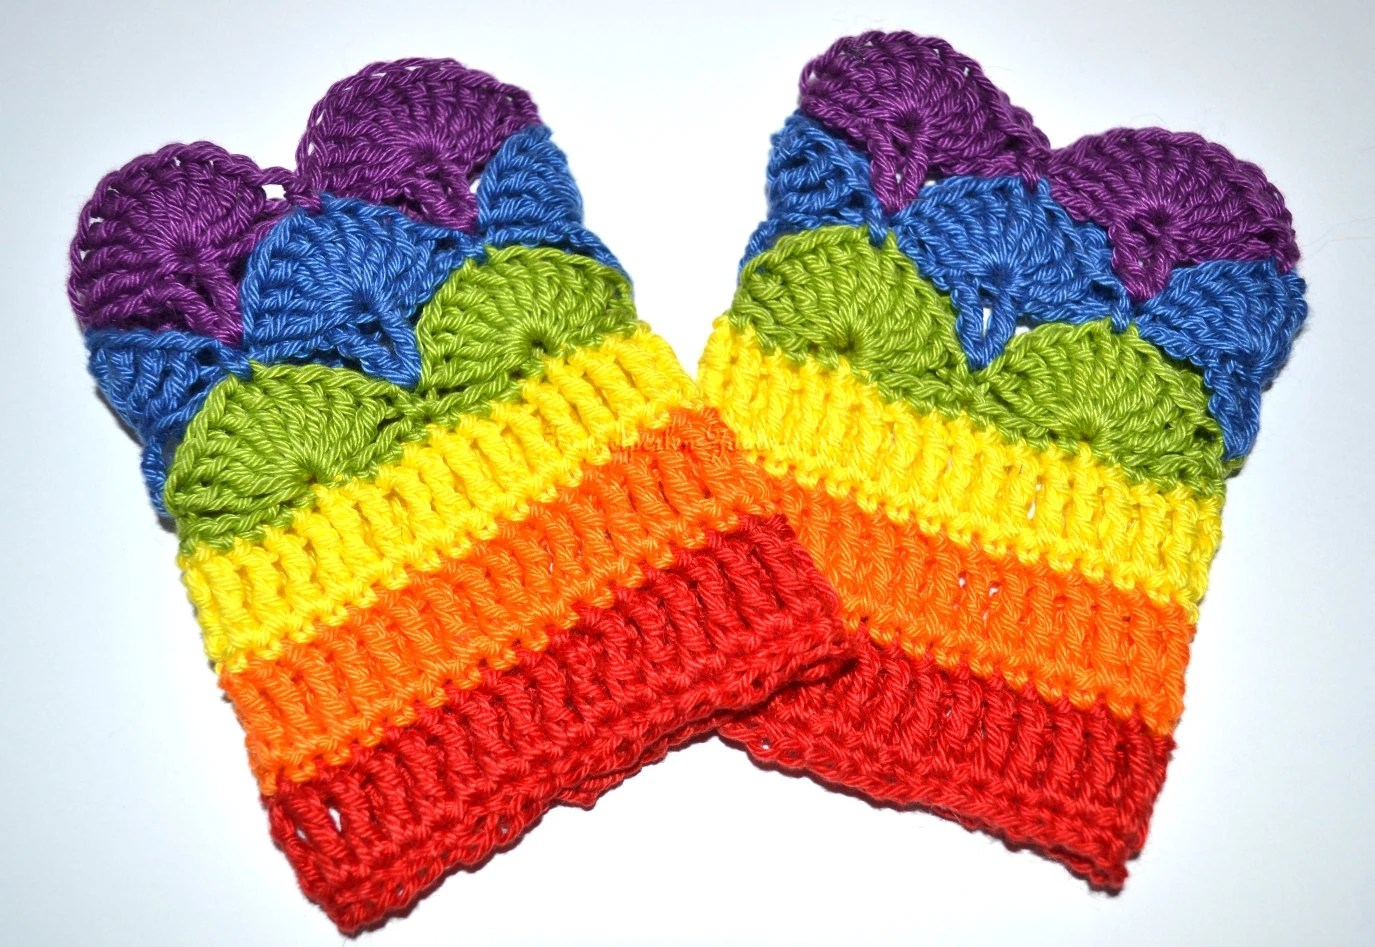 crochet Rainbow Gloves / Wrist Warmers - Zauberschloss